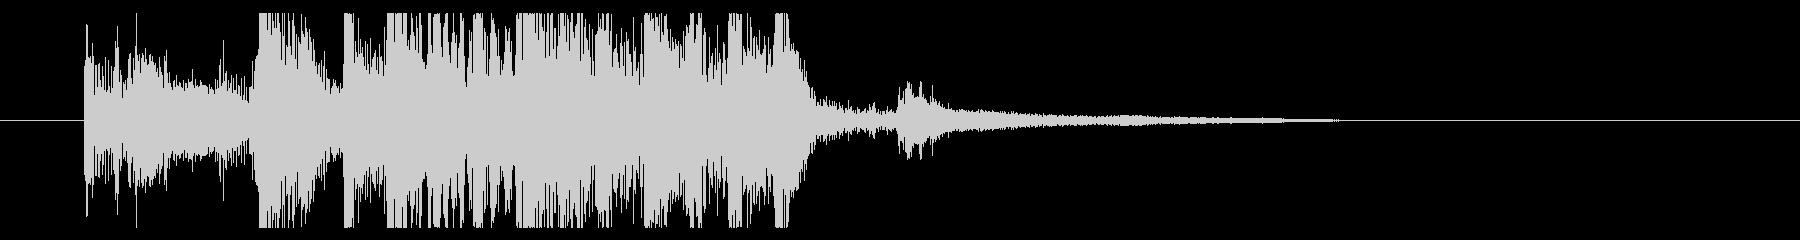 ブルージーなギターとピアノのジングルの未再生の波形